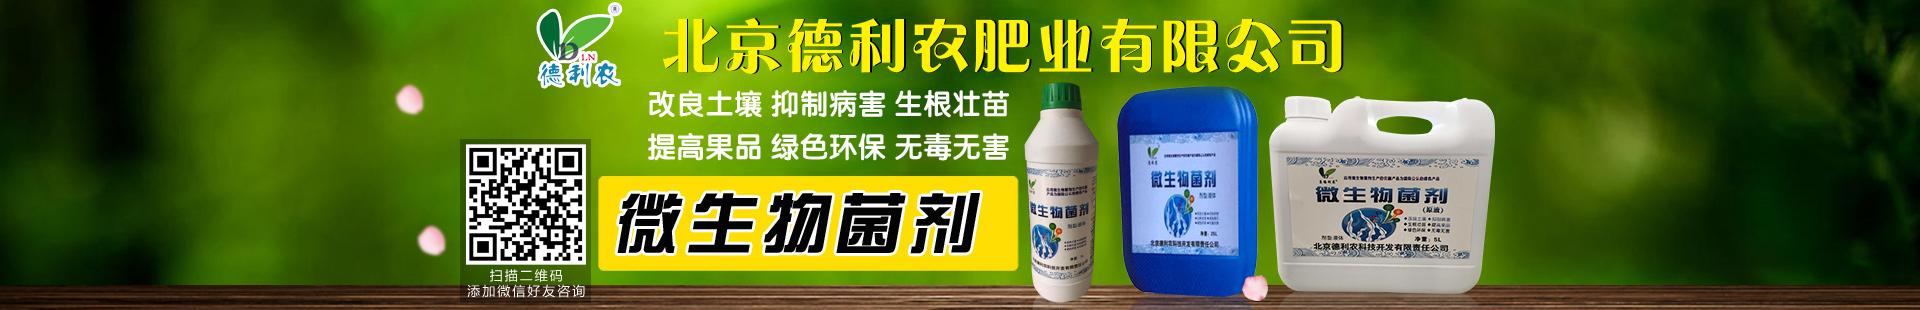 北京德利农肥业有限公司